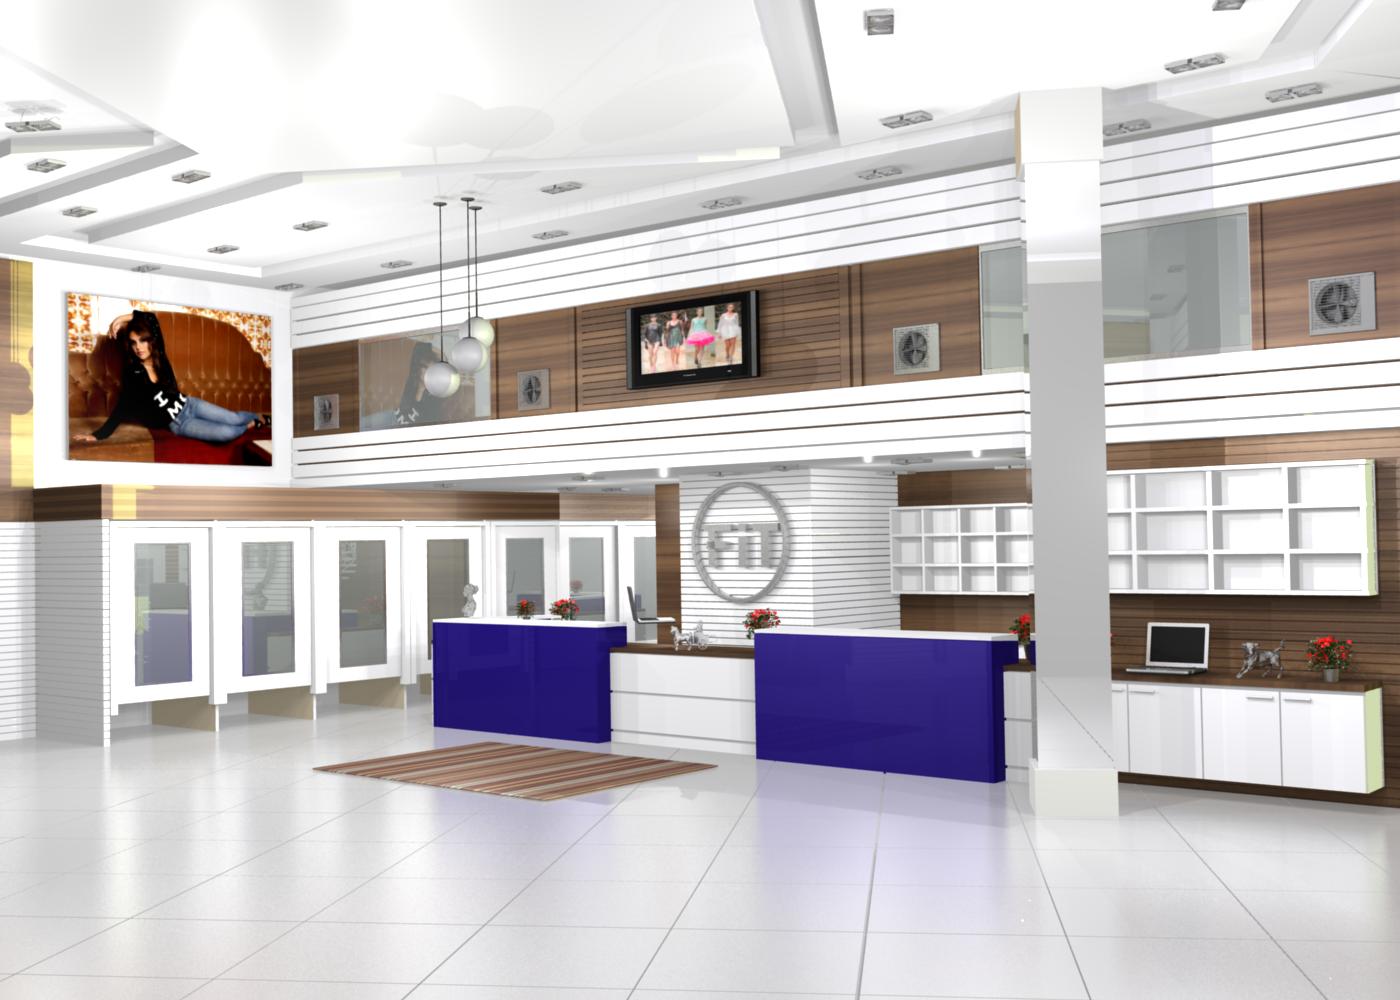 1 a marcenaria design interiores design moveis planejados design sala design lojas design banheiro decorao decorador